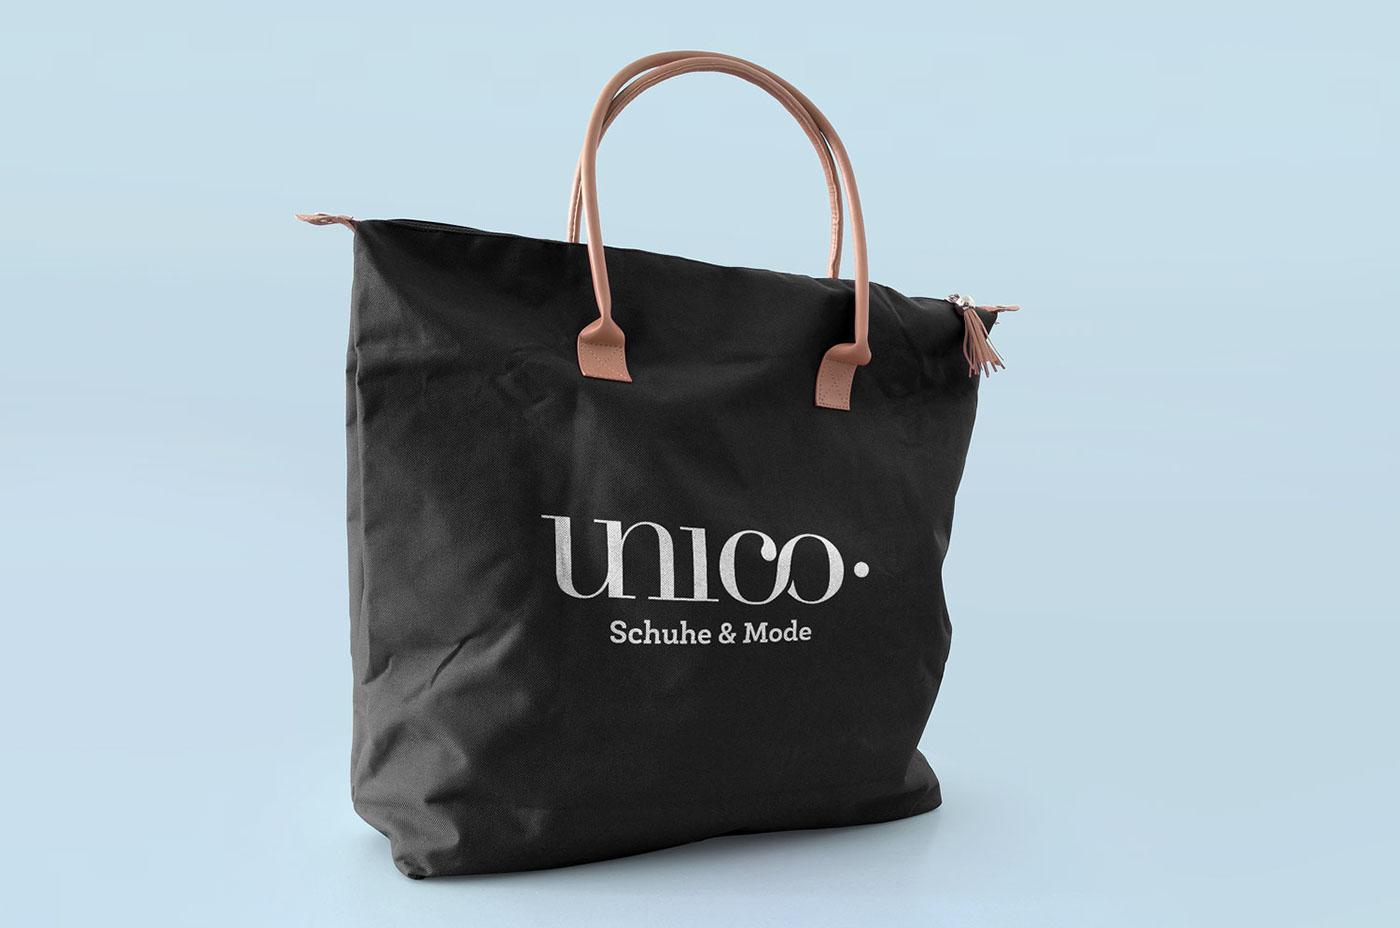 unico brand logo Website fashion label germany jamal faiez norman steiner franko schiermeyer Steinhude